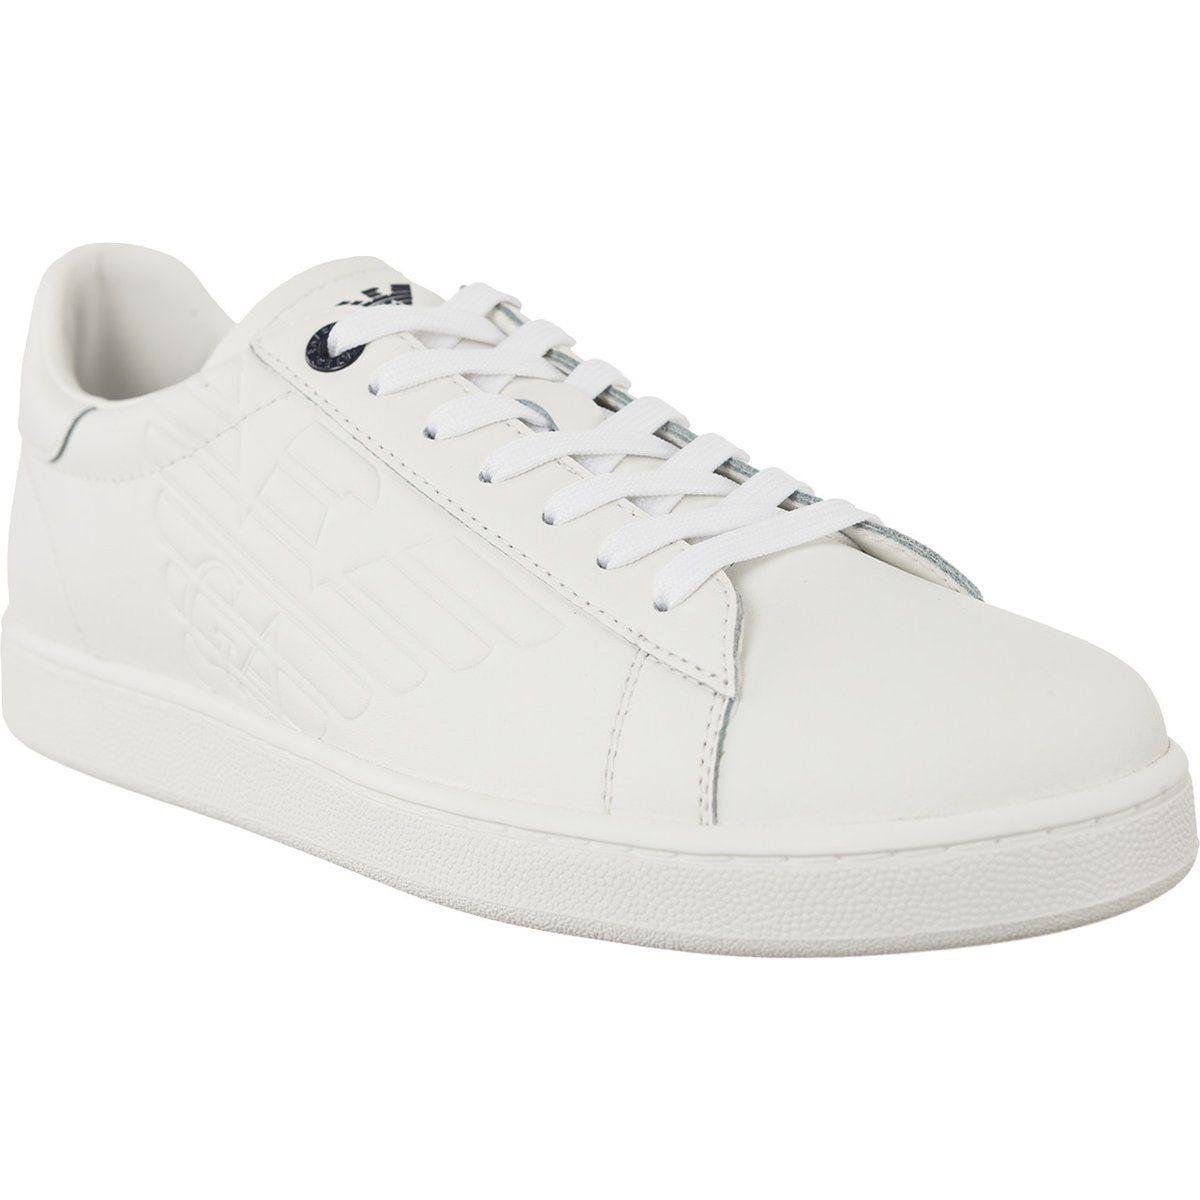 Trampki Meskie Ea7emporioarmani Ea7 Emporio Armani Biale Leather Sneaker 248028cc299 00010 Sneakers White Sneaker Emporio Armani